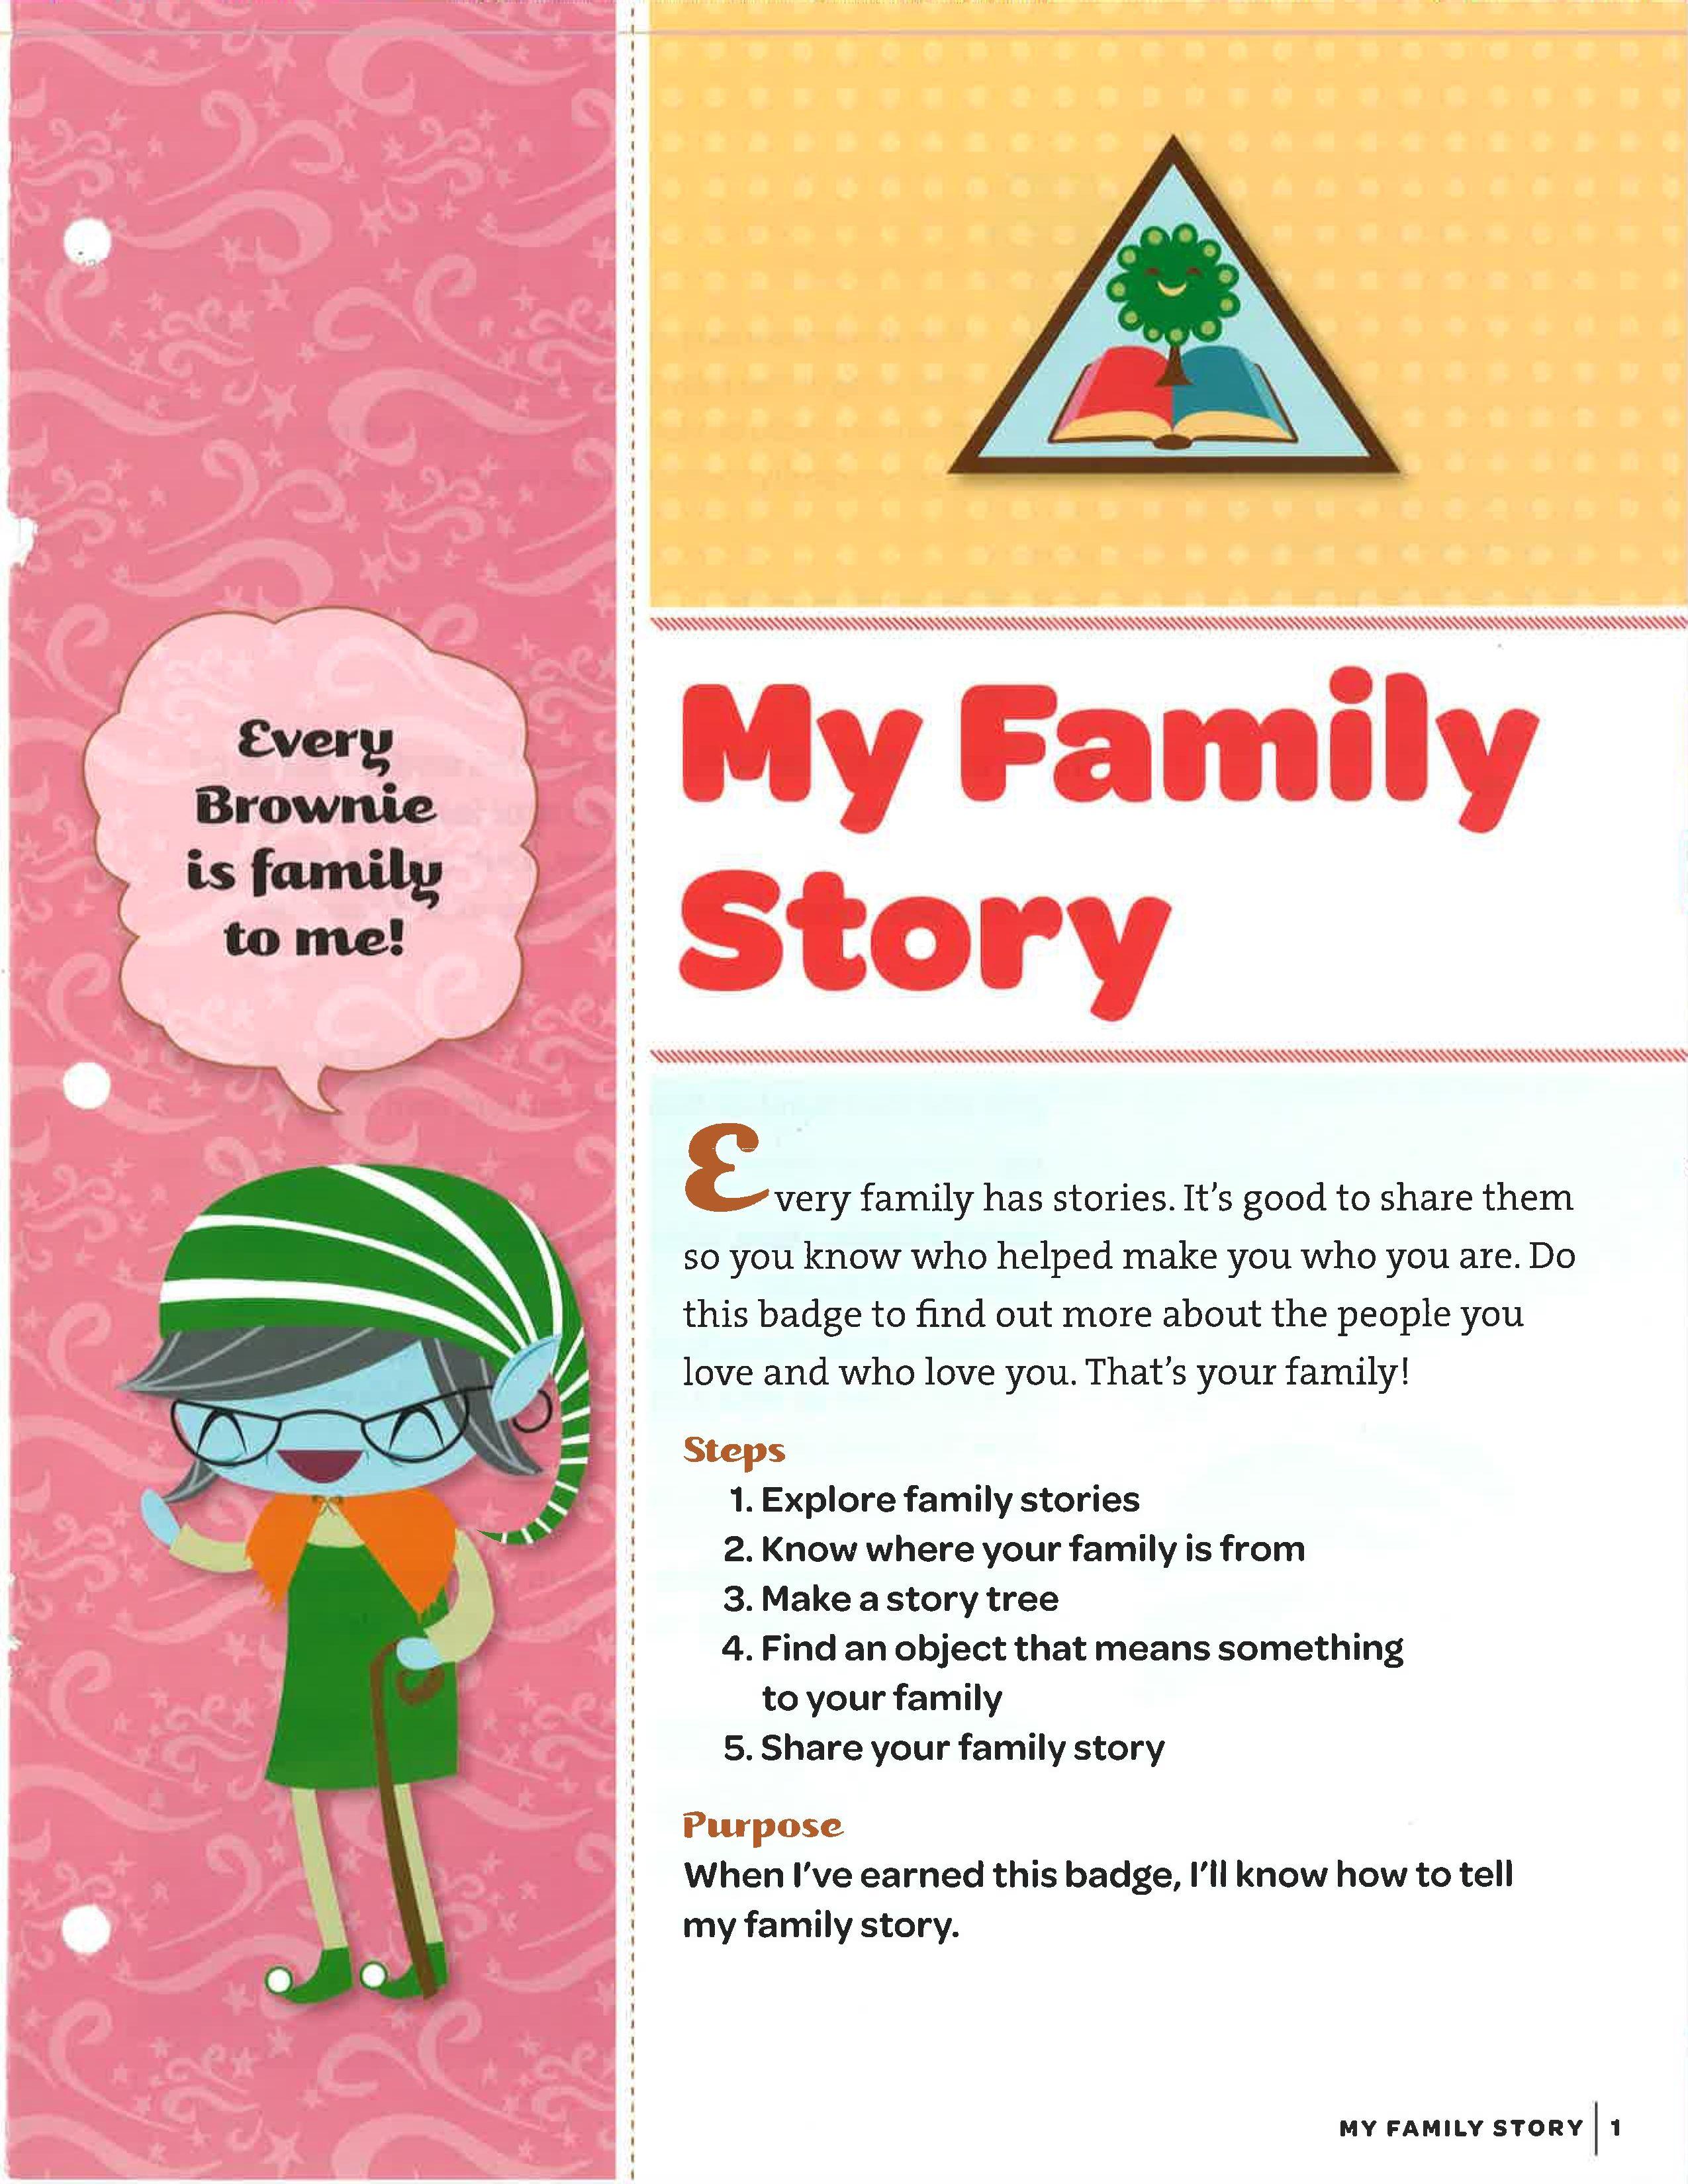 My Family Story